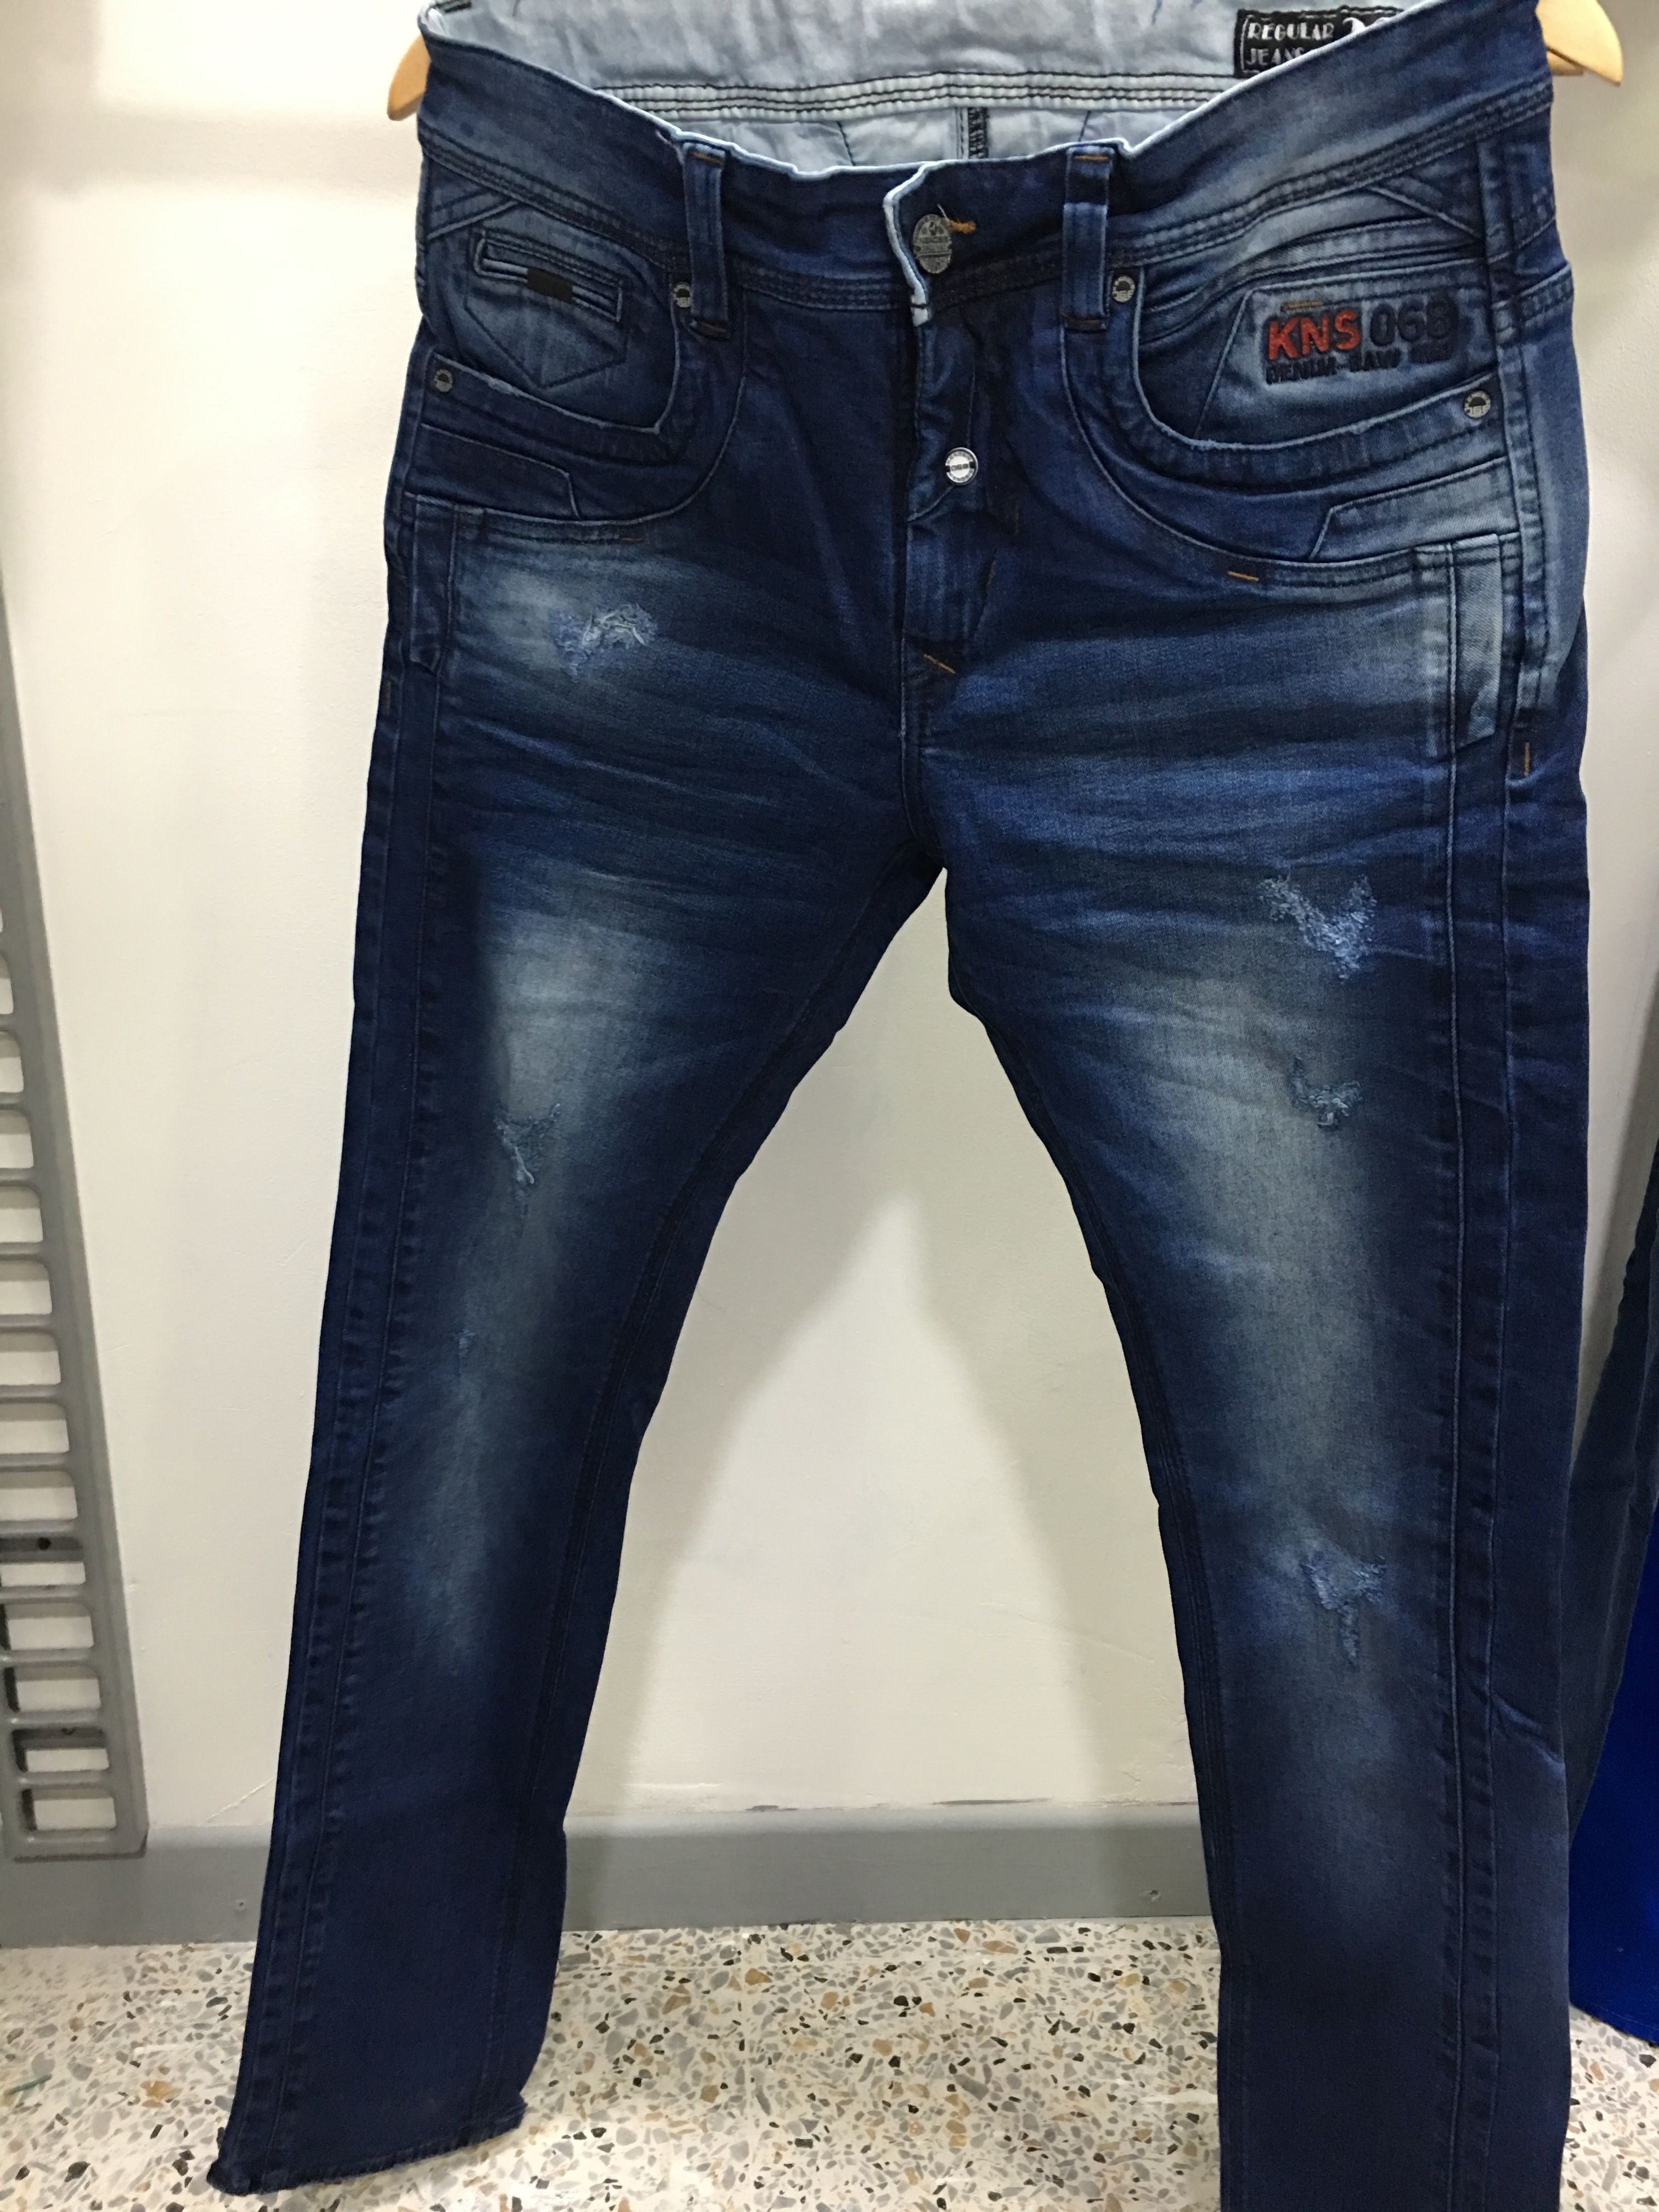 Pin De Ongart Arkaramateepan En Deta L Pantalones De Hombre Jeans Hombre Pantalones